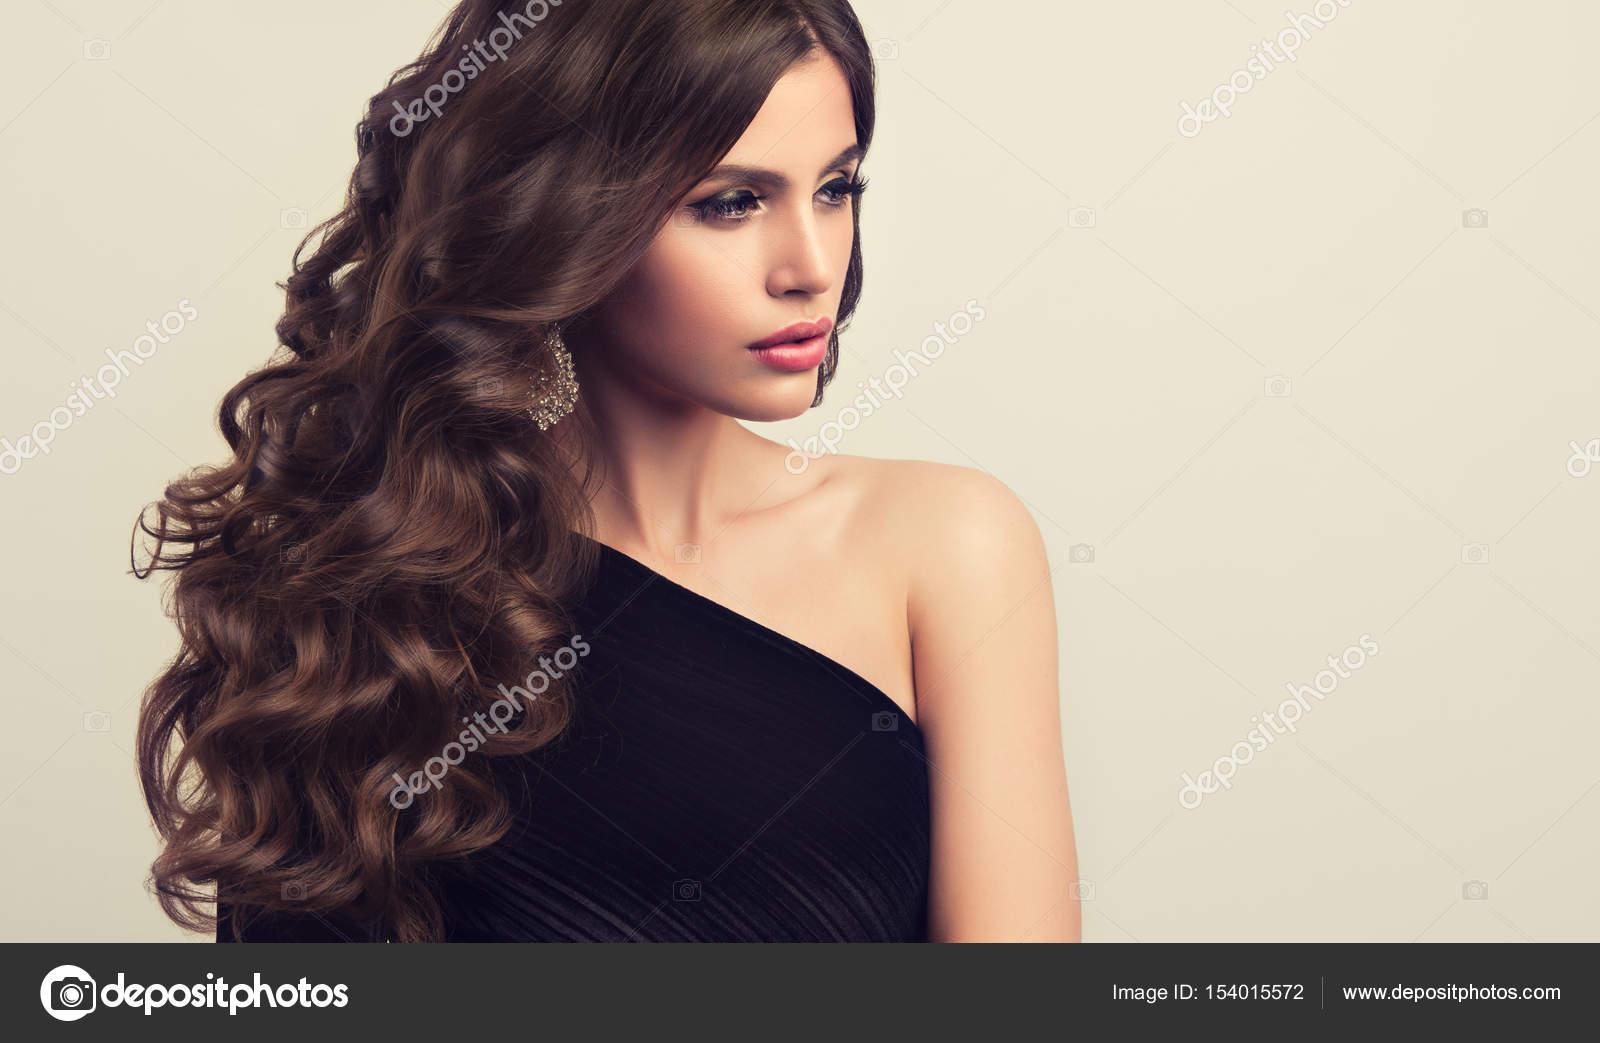 Imagenes Cabello Ondulado Corto Chica Hermosa Modelo Con El Pelo - Cabello-ondulado-corto